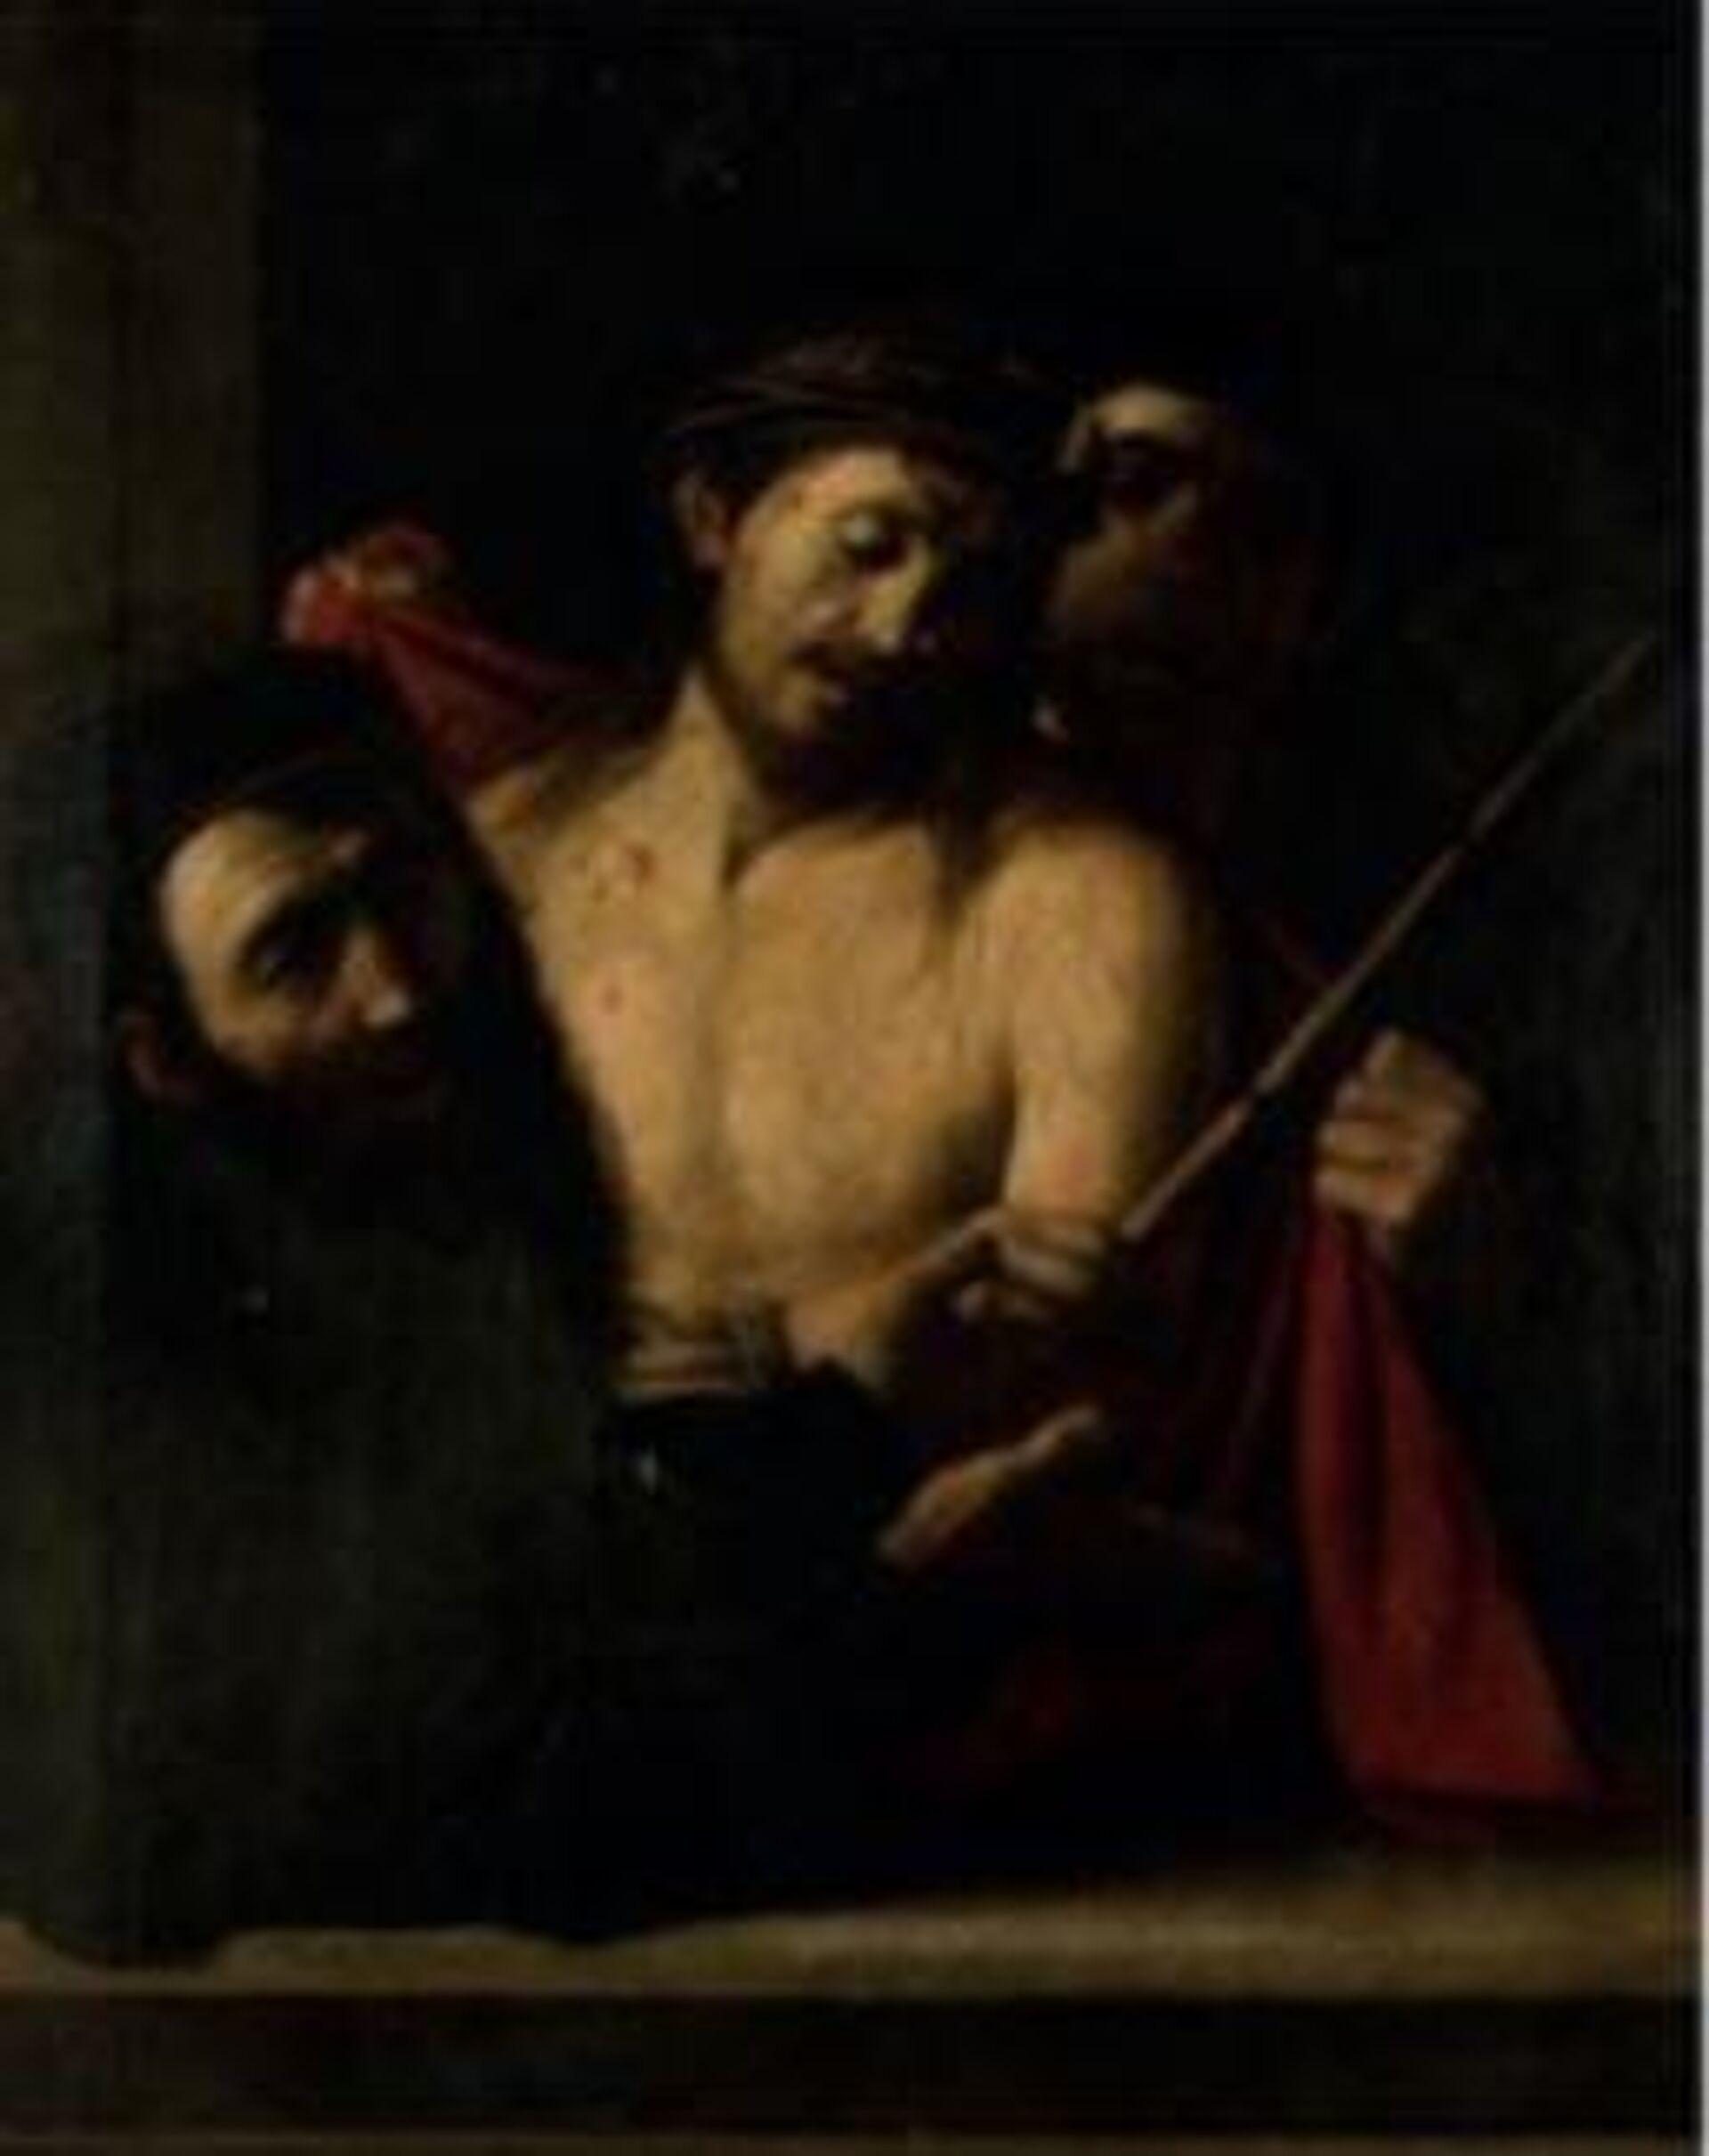 'La coronación de espinas', supuesta pintura de Caravaggio - Sputnik Mundo, 1920, 23.04.2021